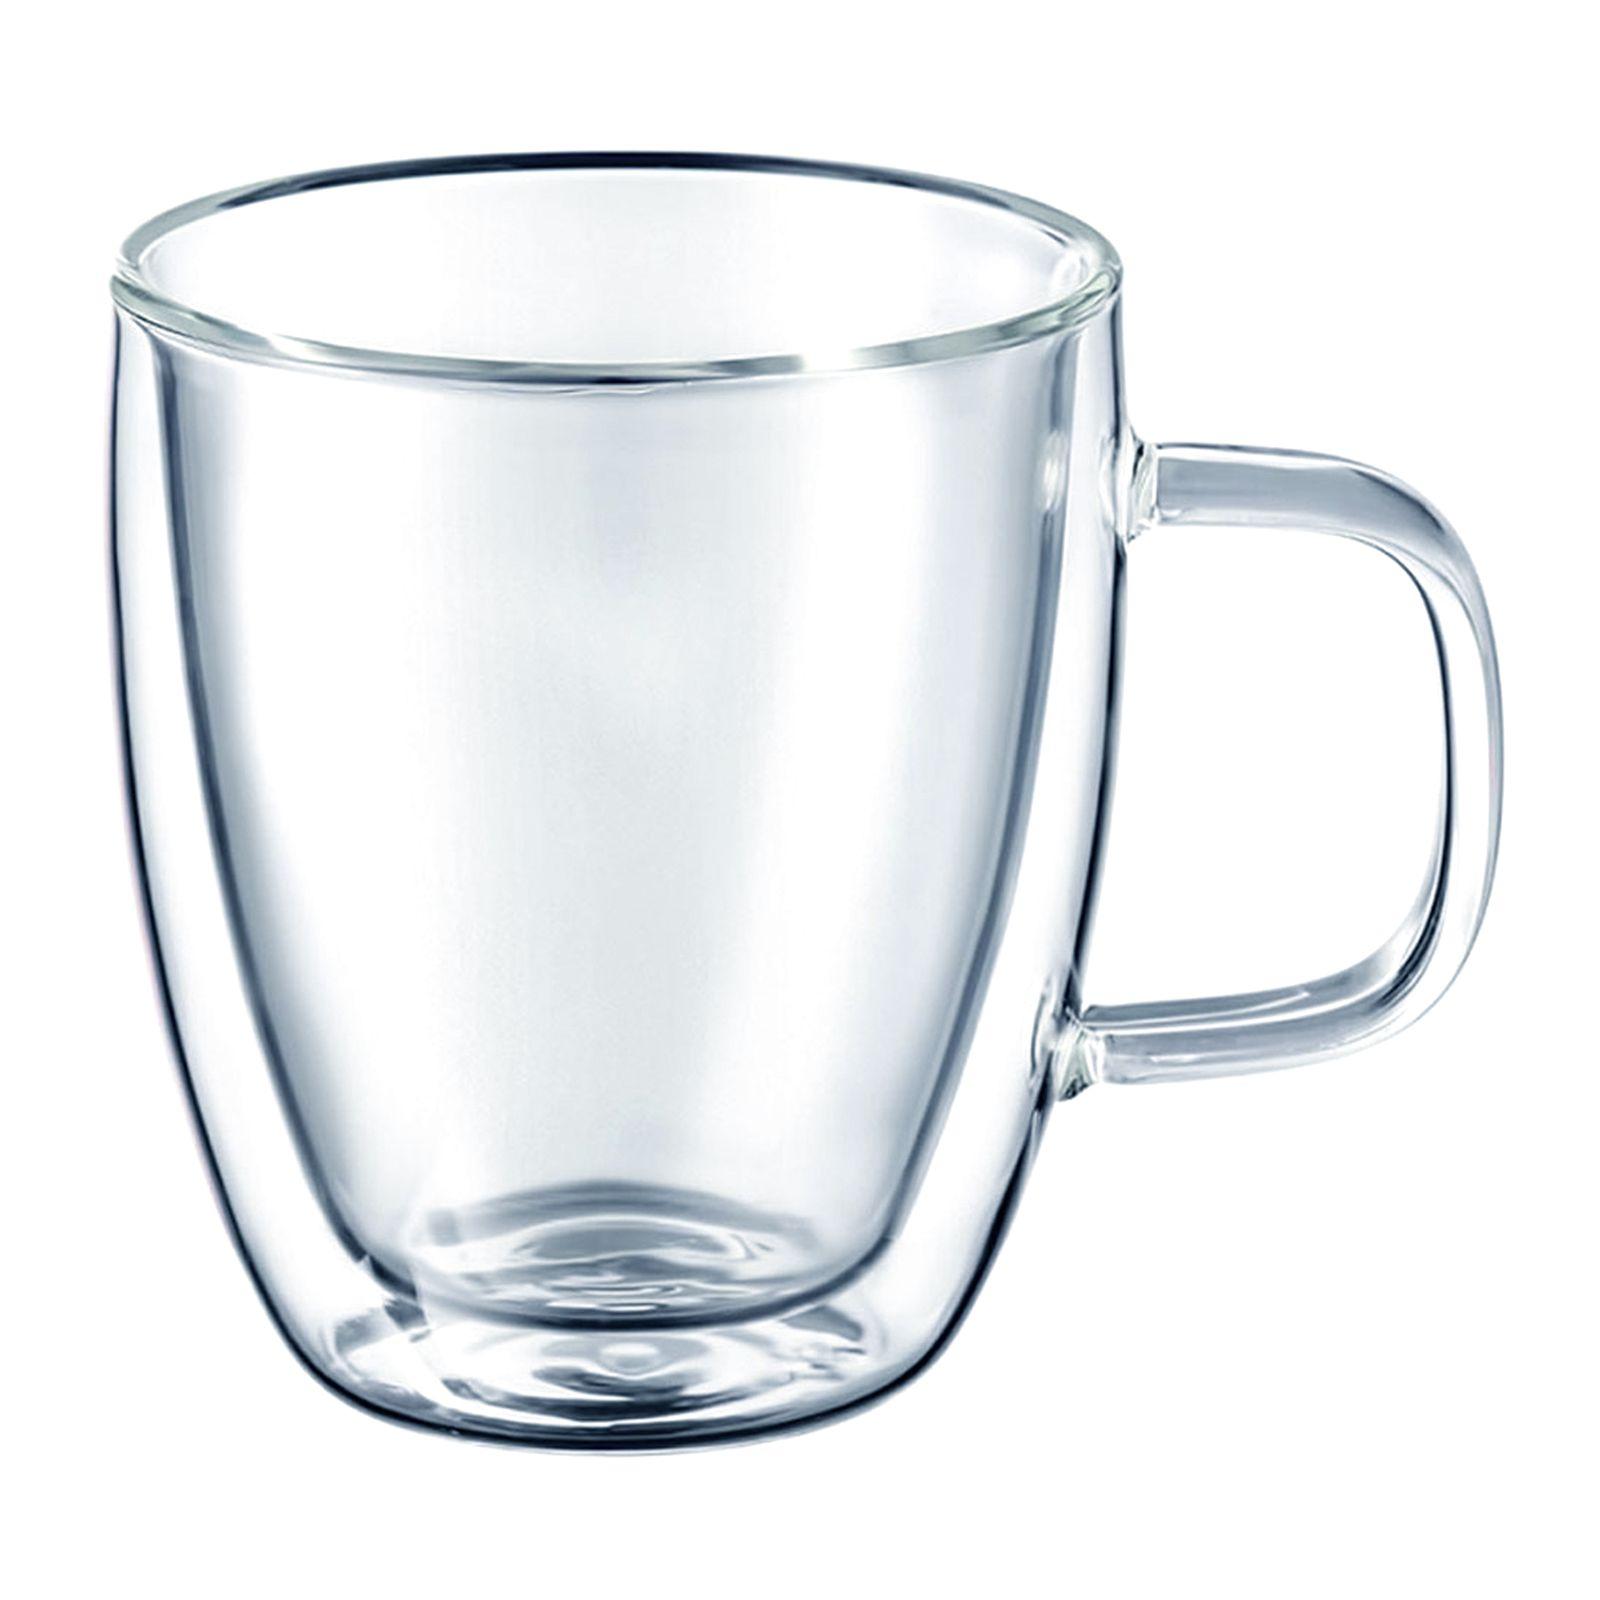 Komplet 2 kubków / szklanek termicznych Mia 350 ml AMBITION